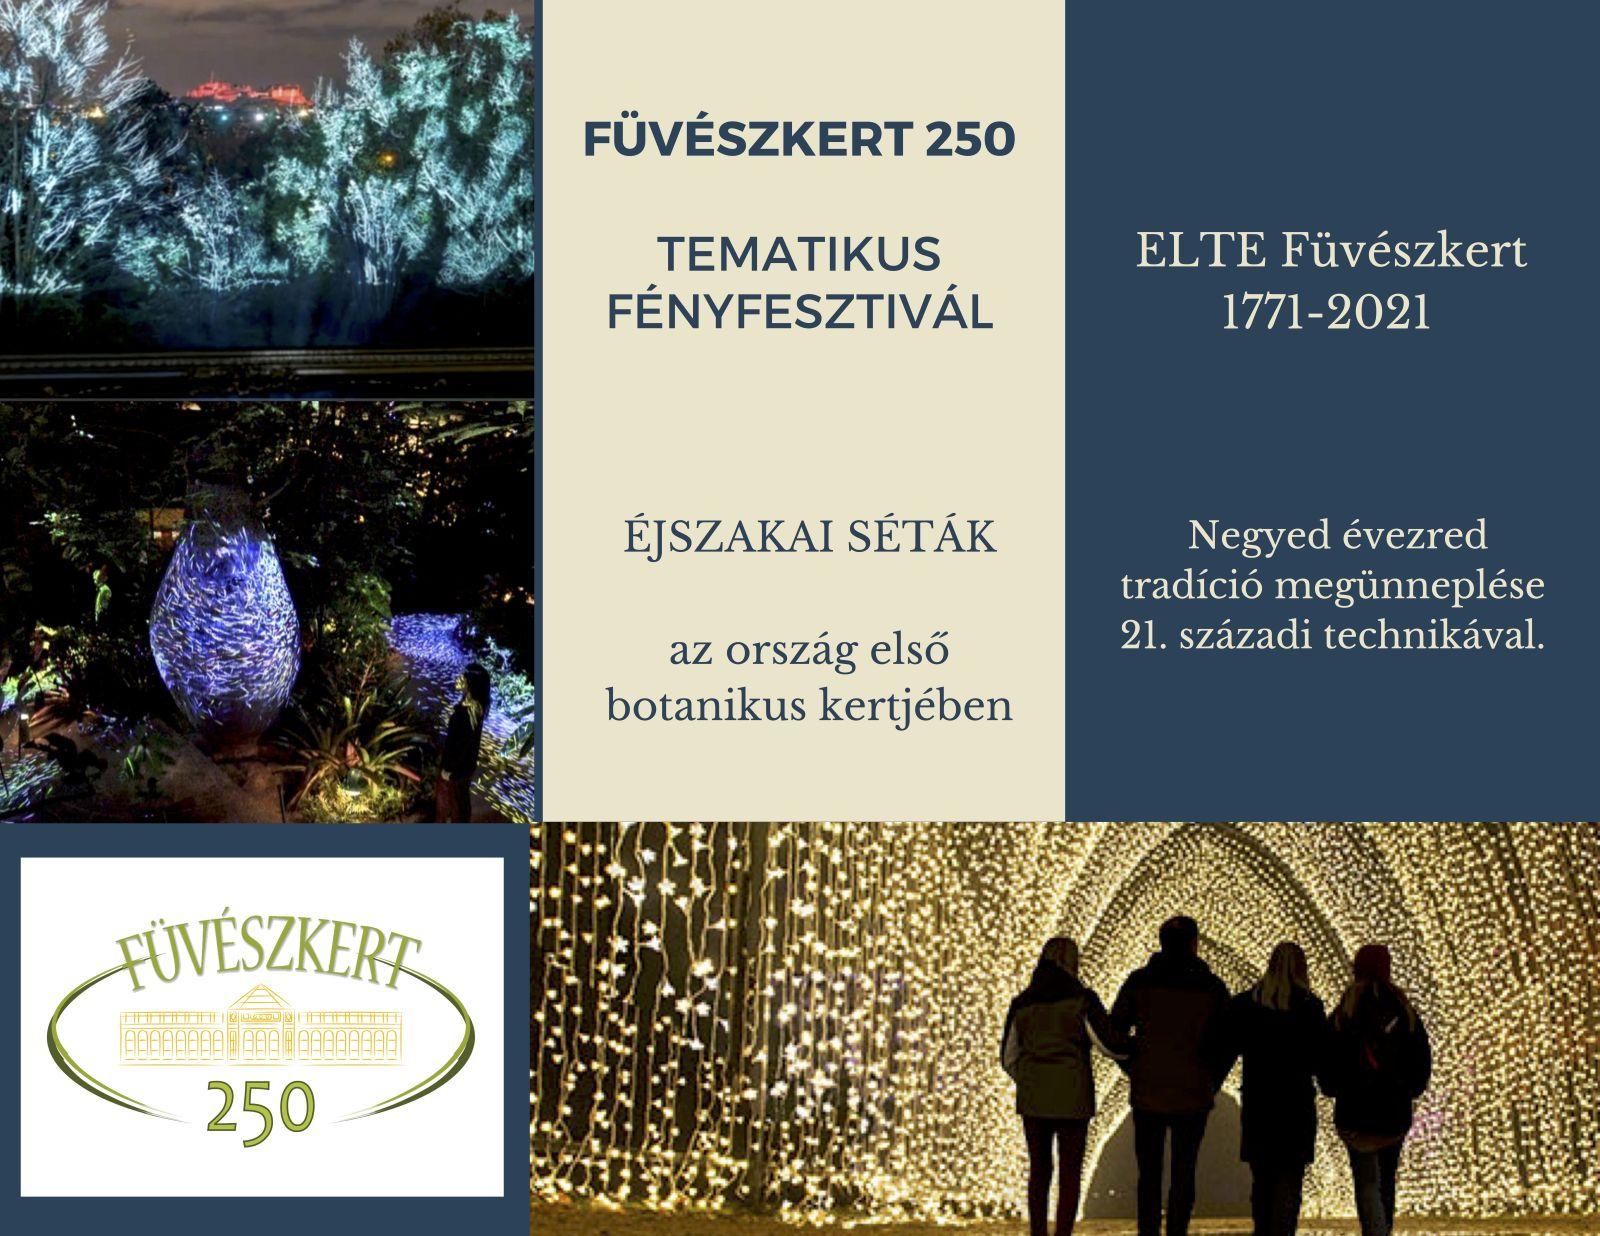 Füveszkert 250 - Ajánlat támogatóknak